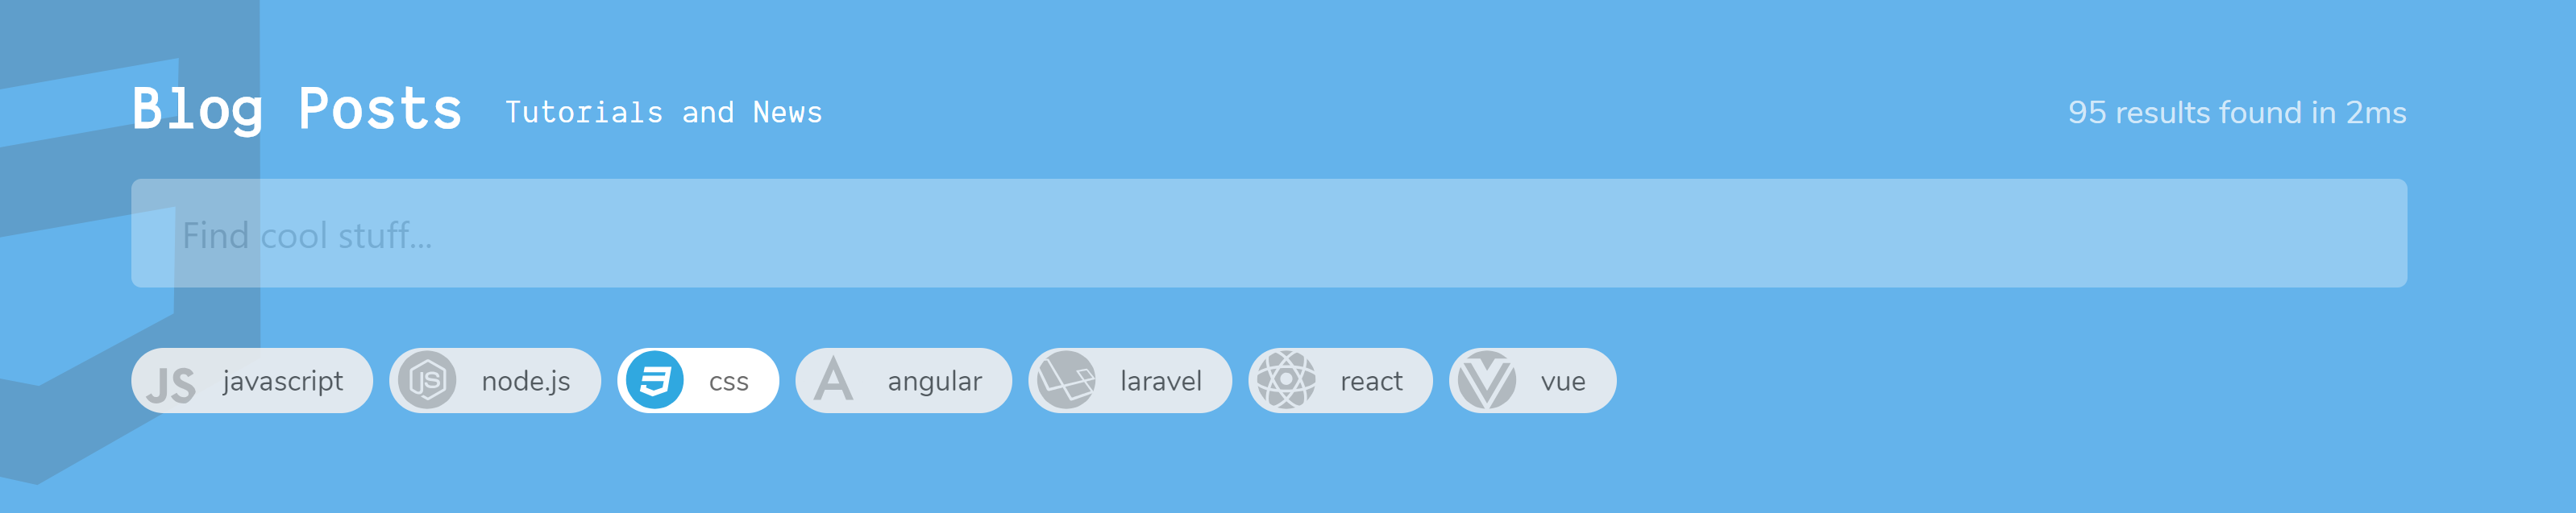 Filter Tag lagi, tetapi kini dengan latar belakang biru